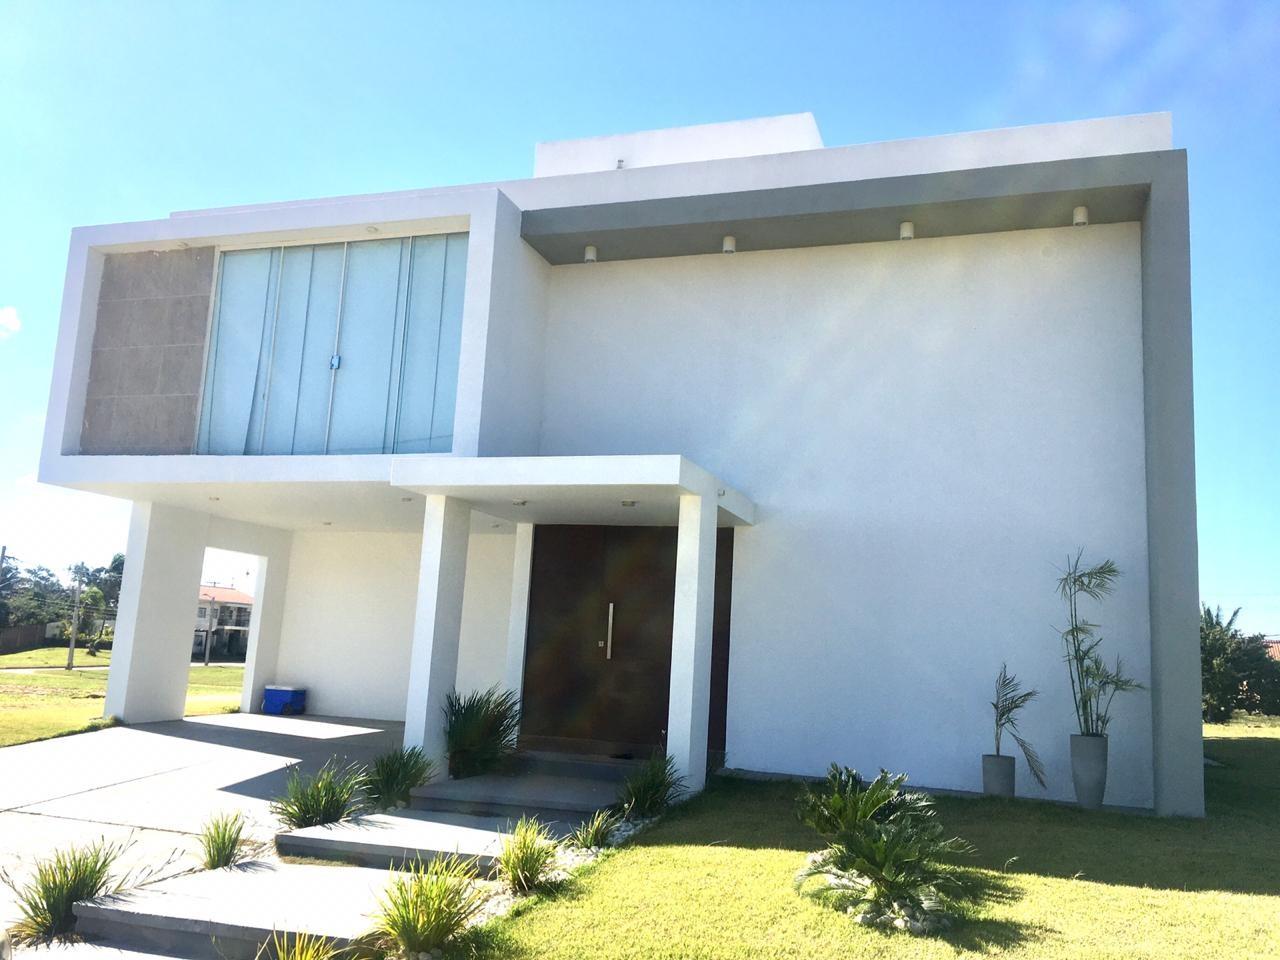 Casa en Venta ¡MODERNA Y AMPLIA CASA EN VENTA EN EL CONDOMINIO CERRADO LOMAS DEL BOSQUE, URUBO! Foto 1